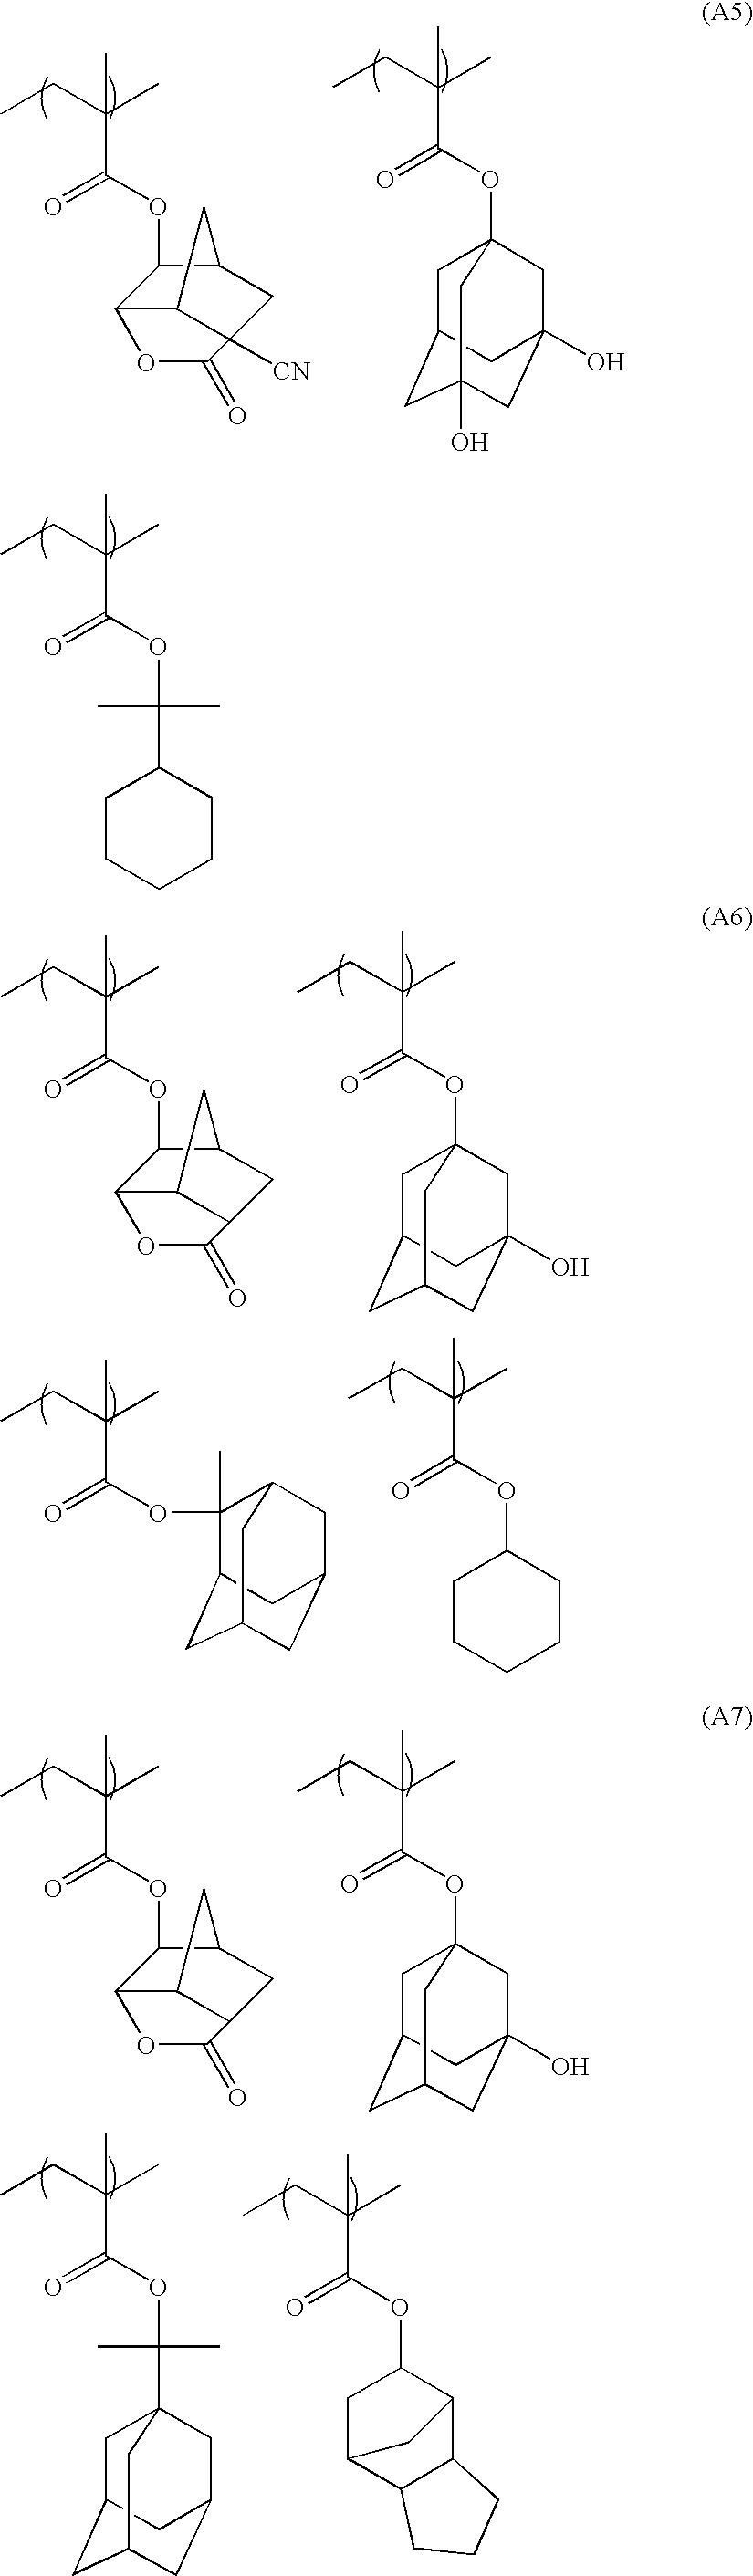 Figure US07998655-20110816-C00076